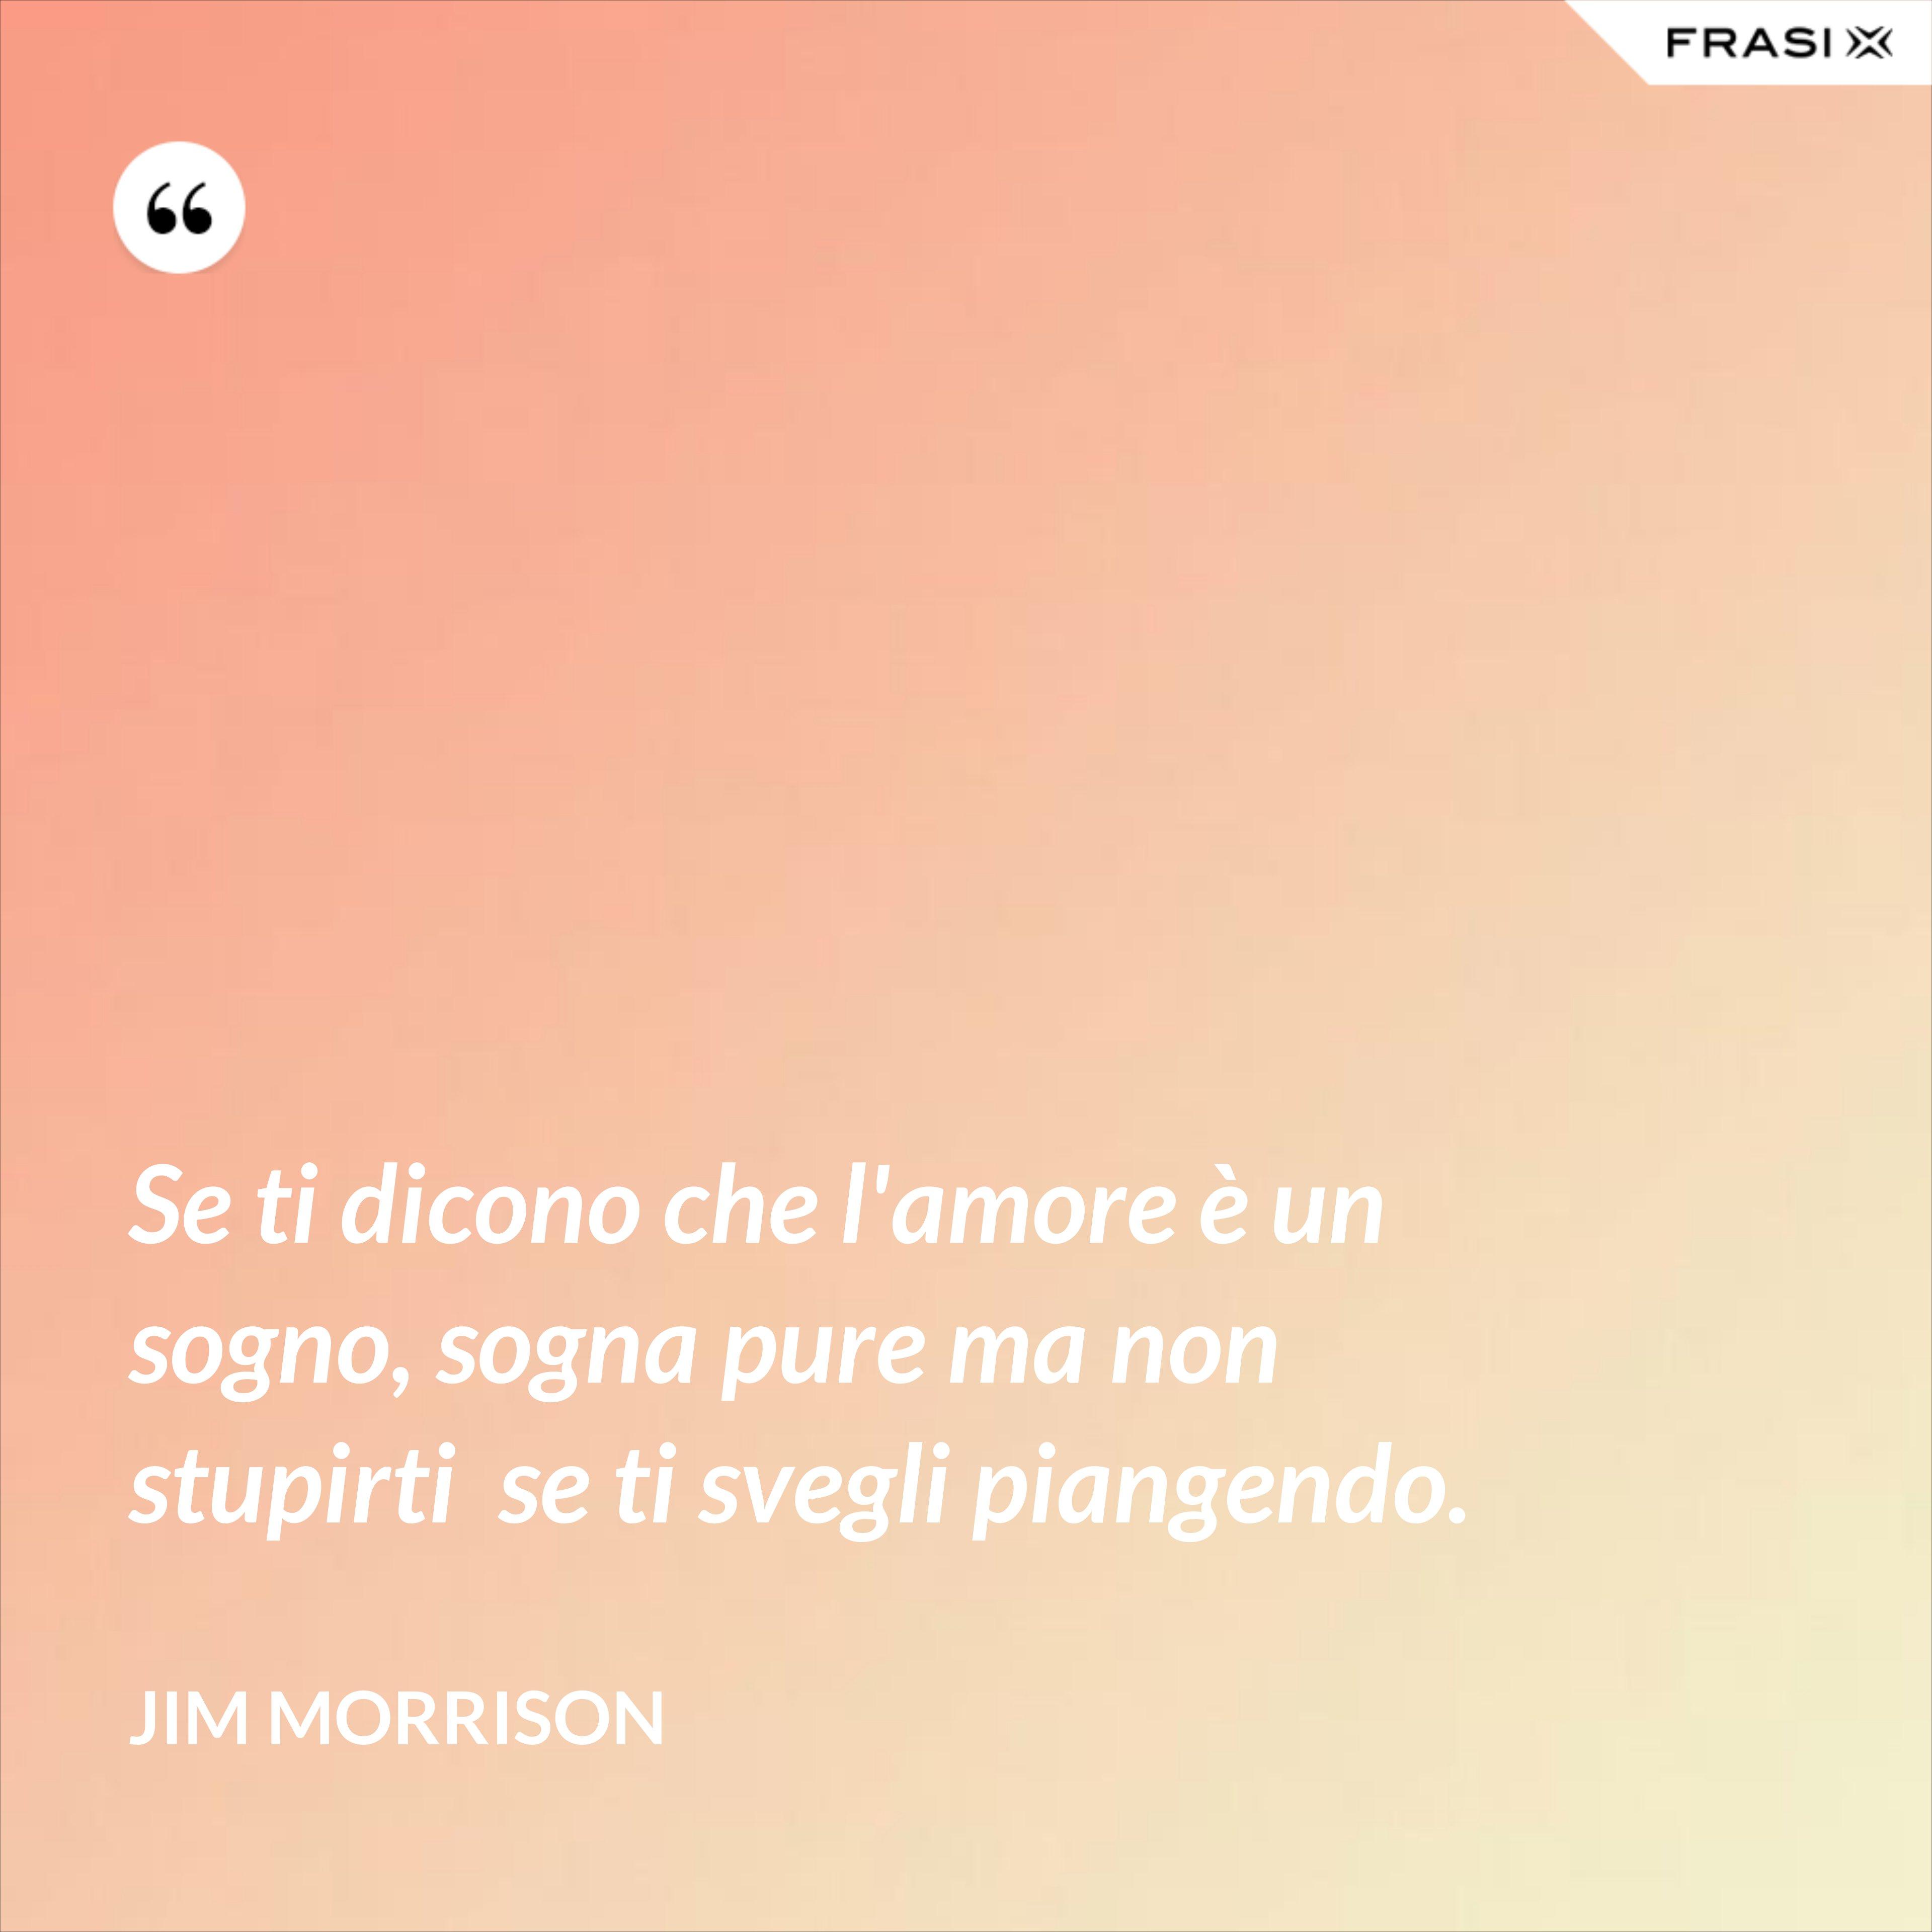 Se ti dicono che l'amore è un sogno, sogna pure ma non stupirti  se ti svegli piangendo. - Jim Morrison